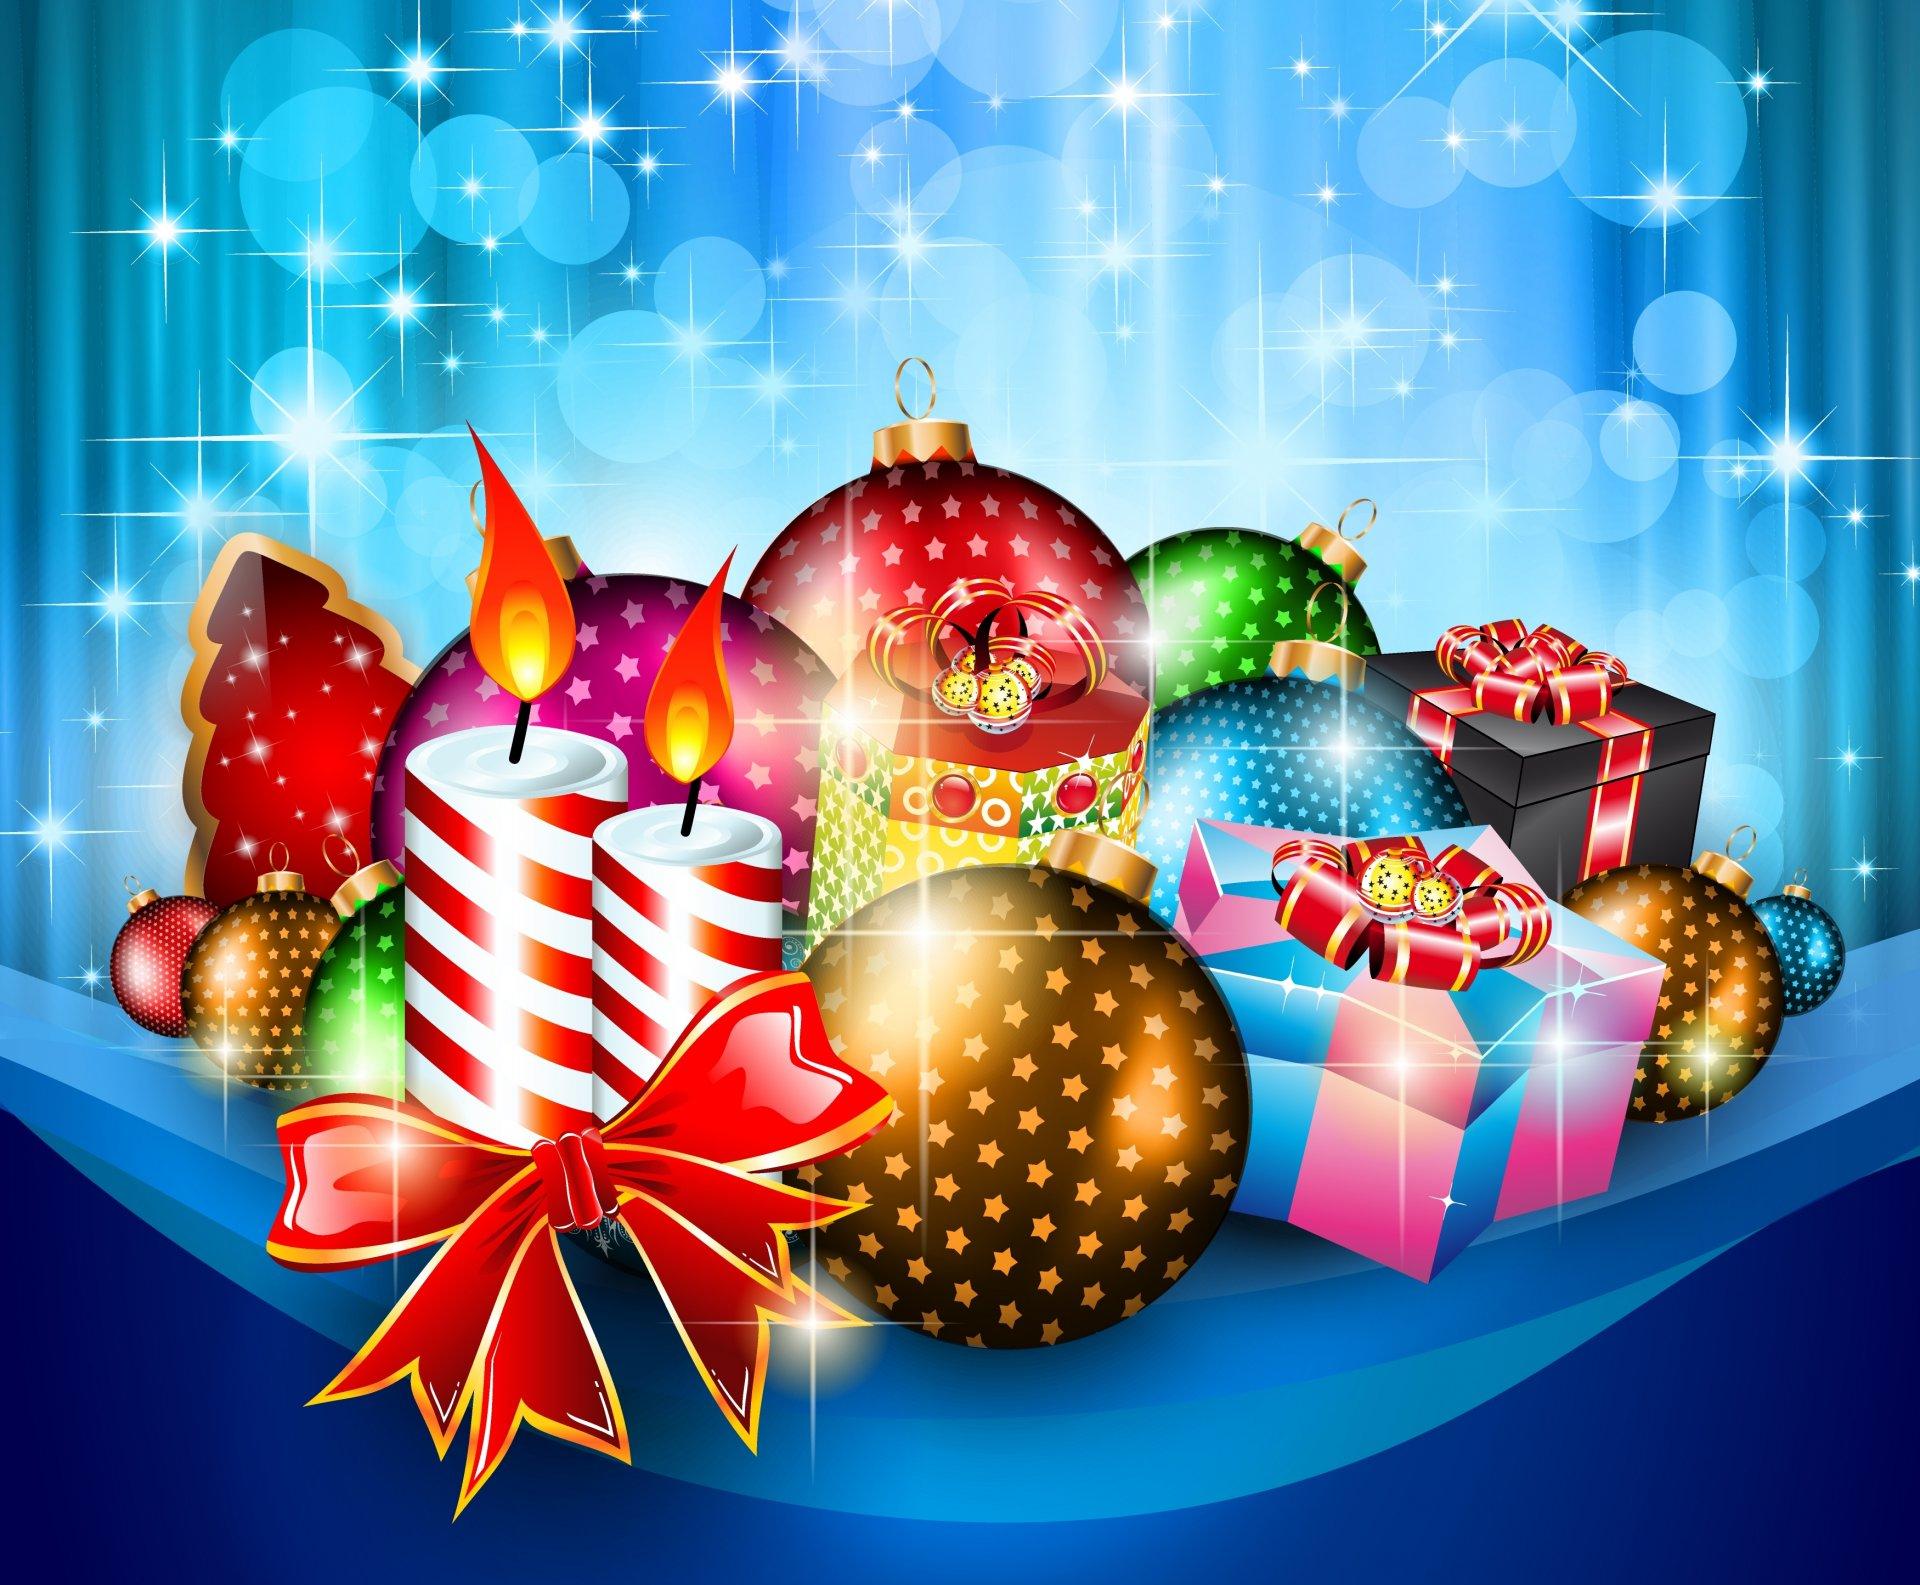 Праздник новый год Holiday new year скачать